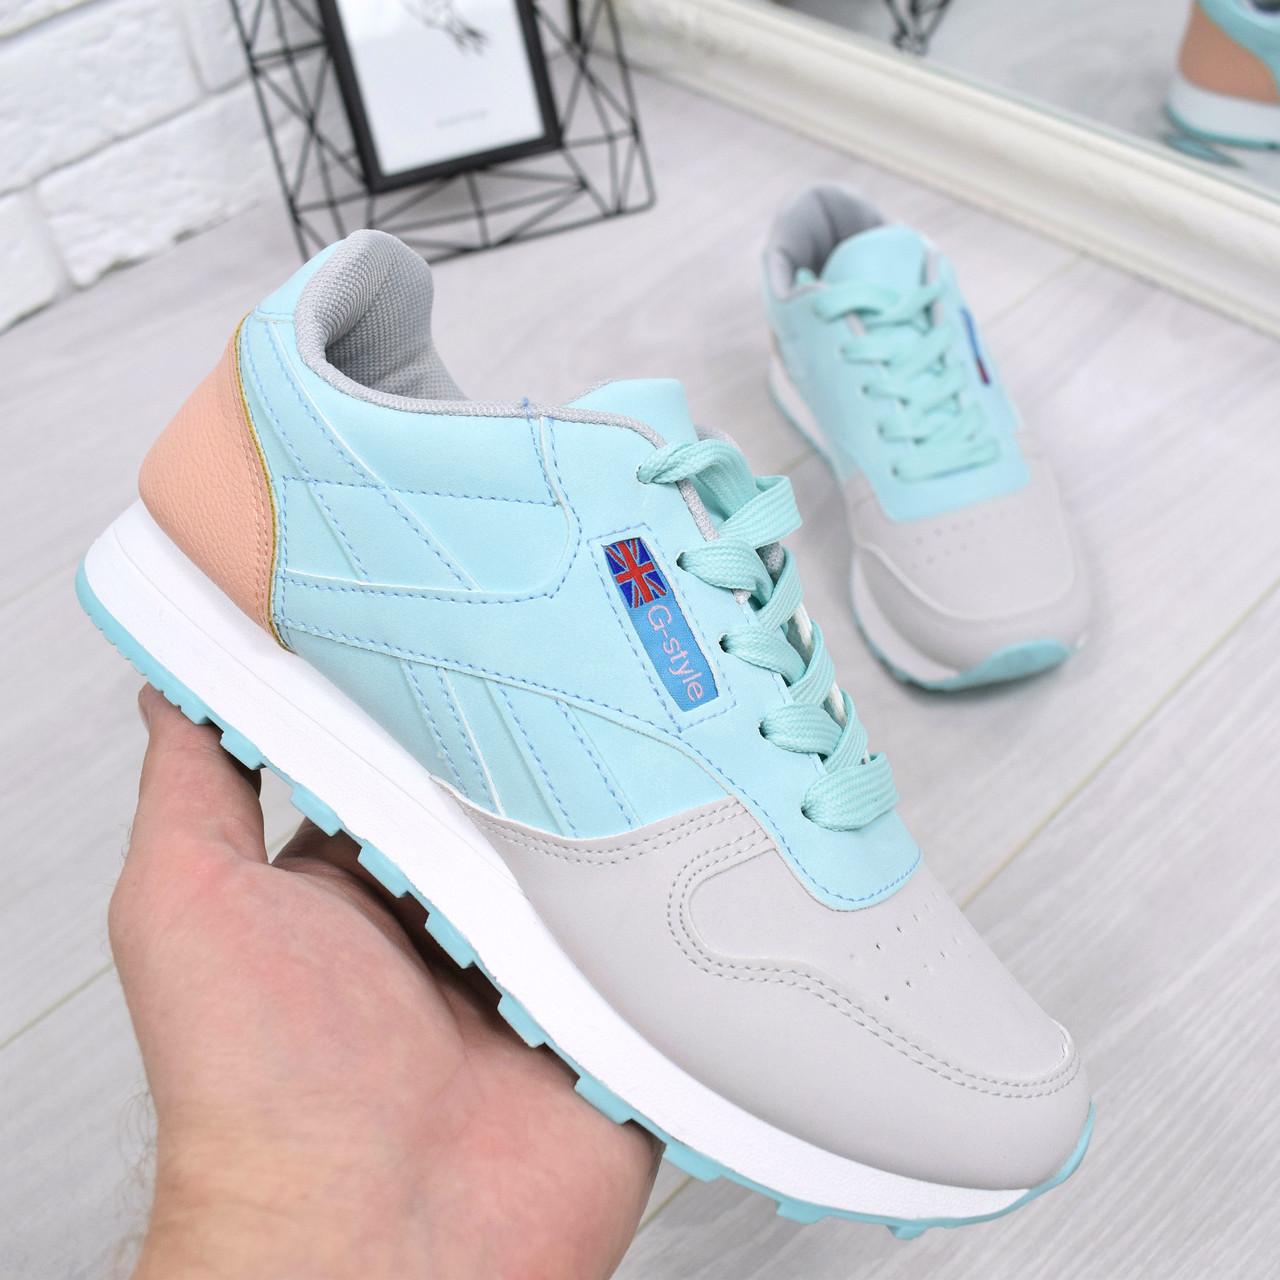 Кроссовки женские под Reebok омбре голубые 4589, спортивная обувь -  Интернет-магазин